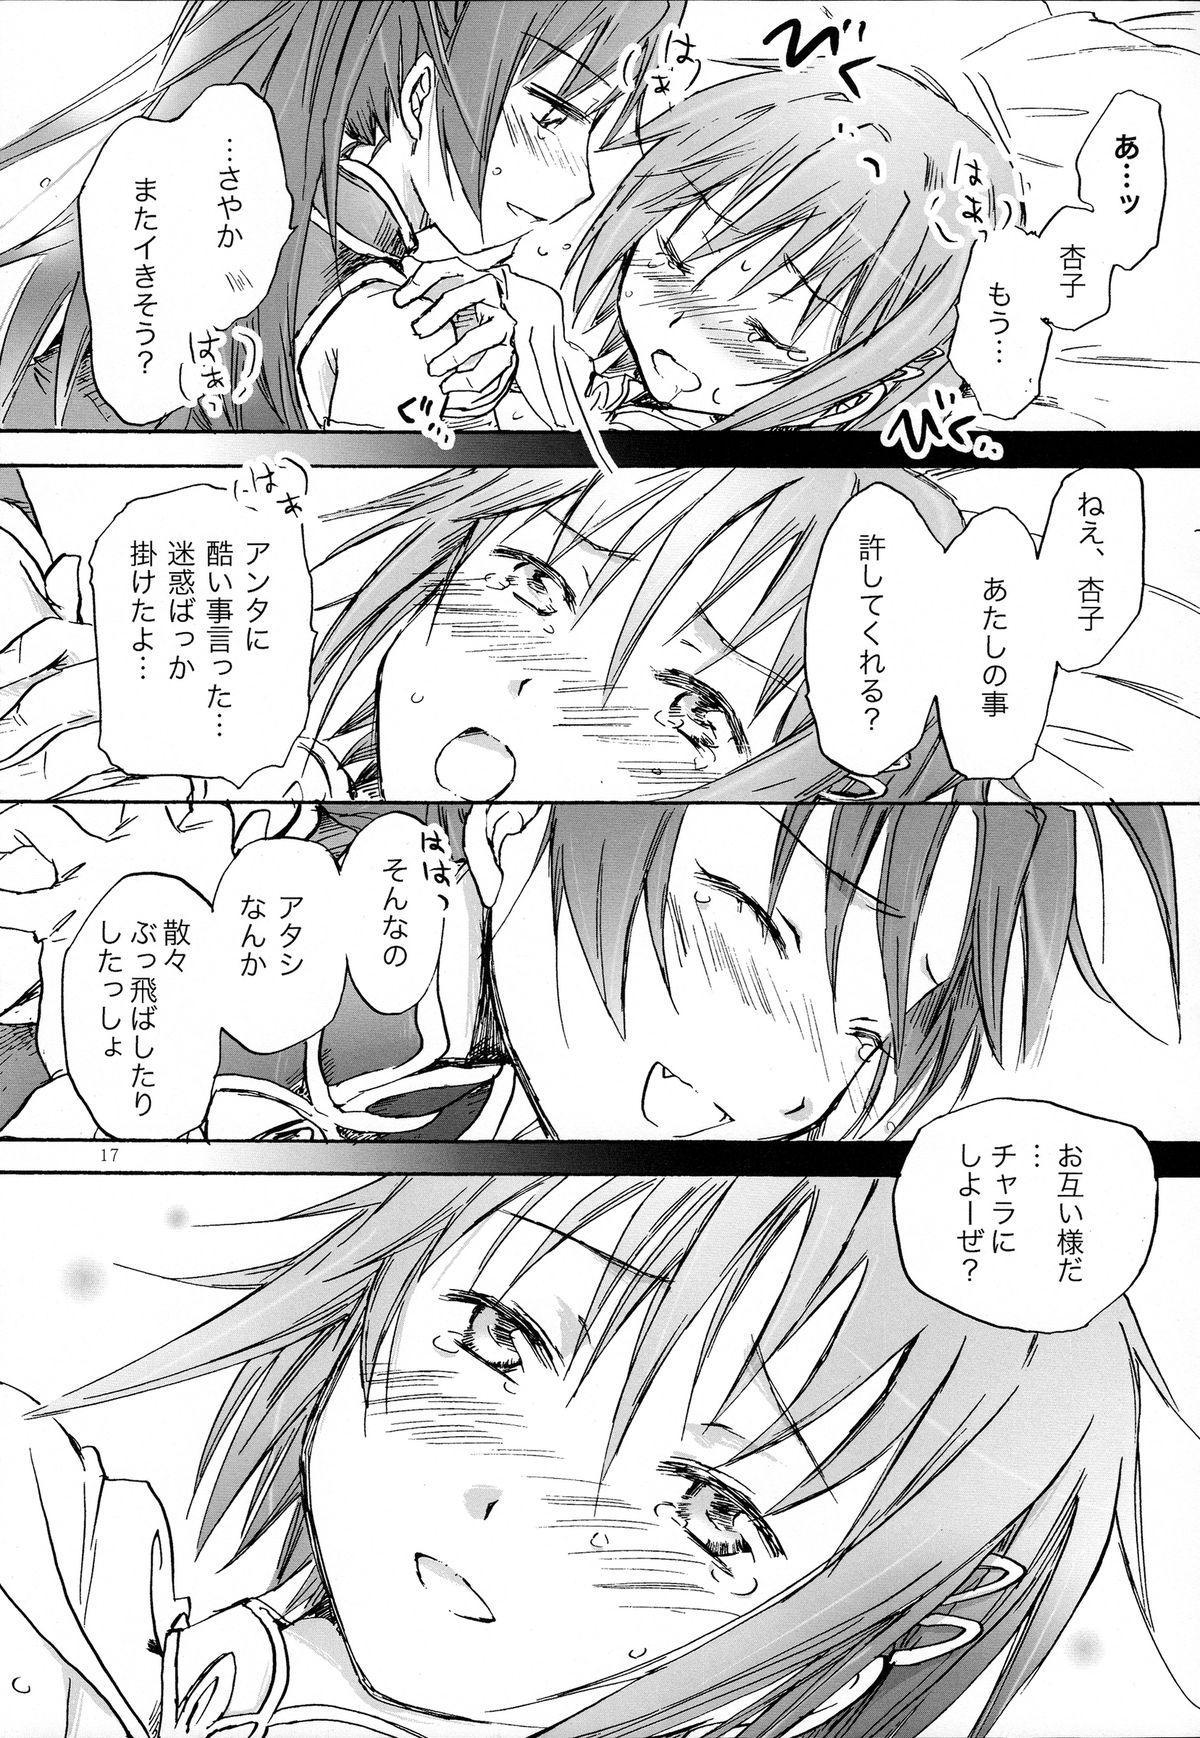 Kimi ga Hohoemu Yume wo Mita 15